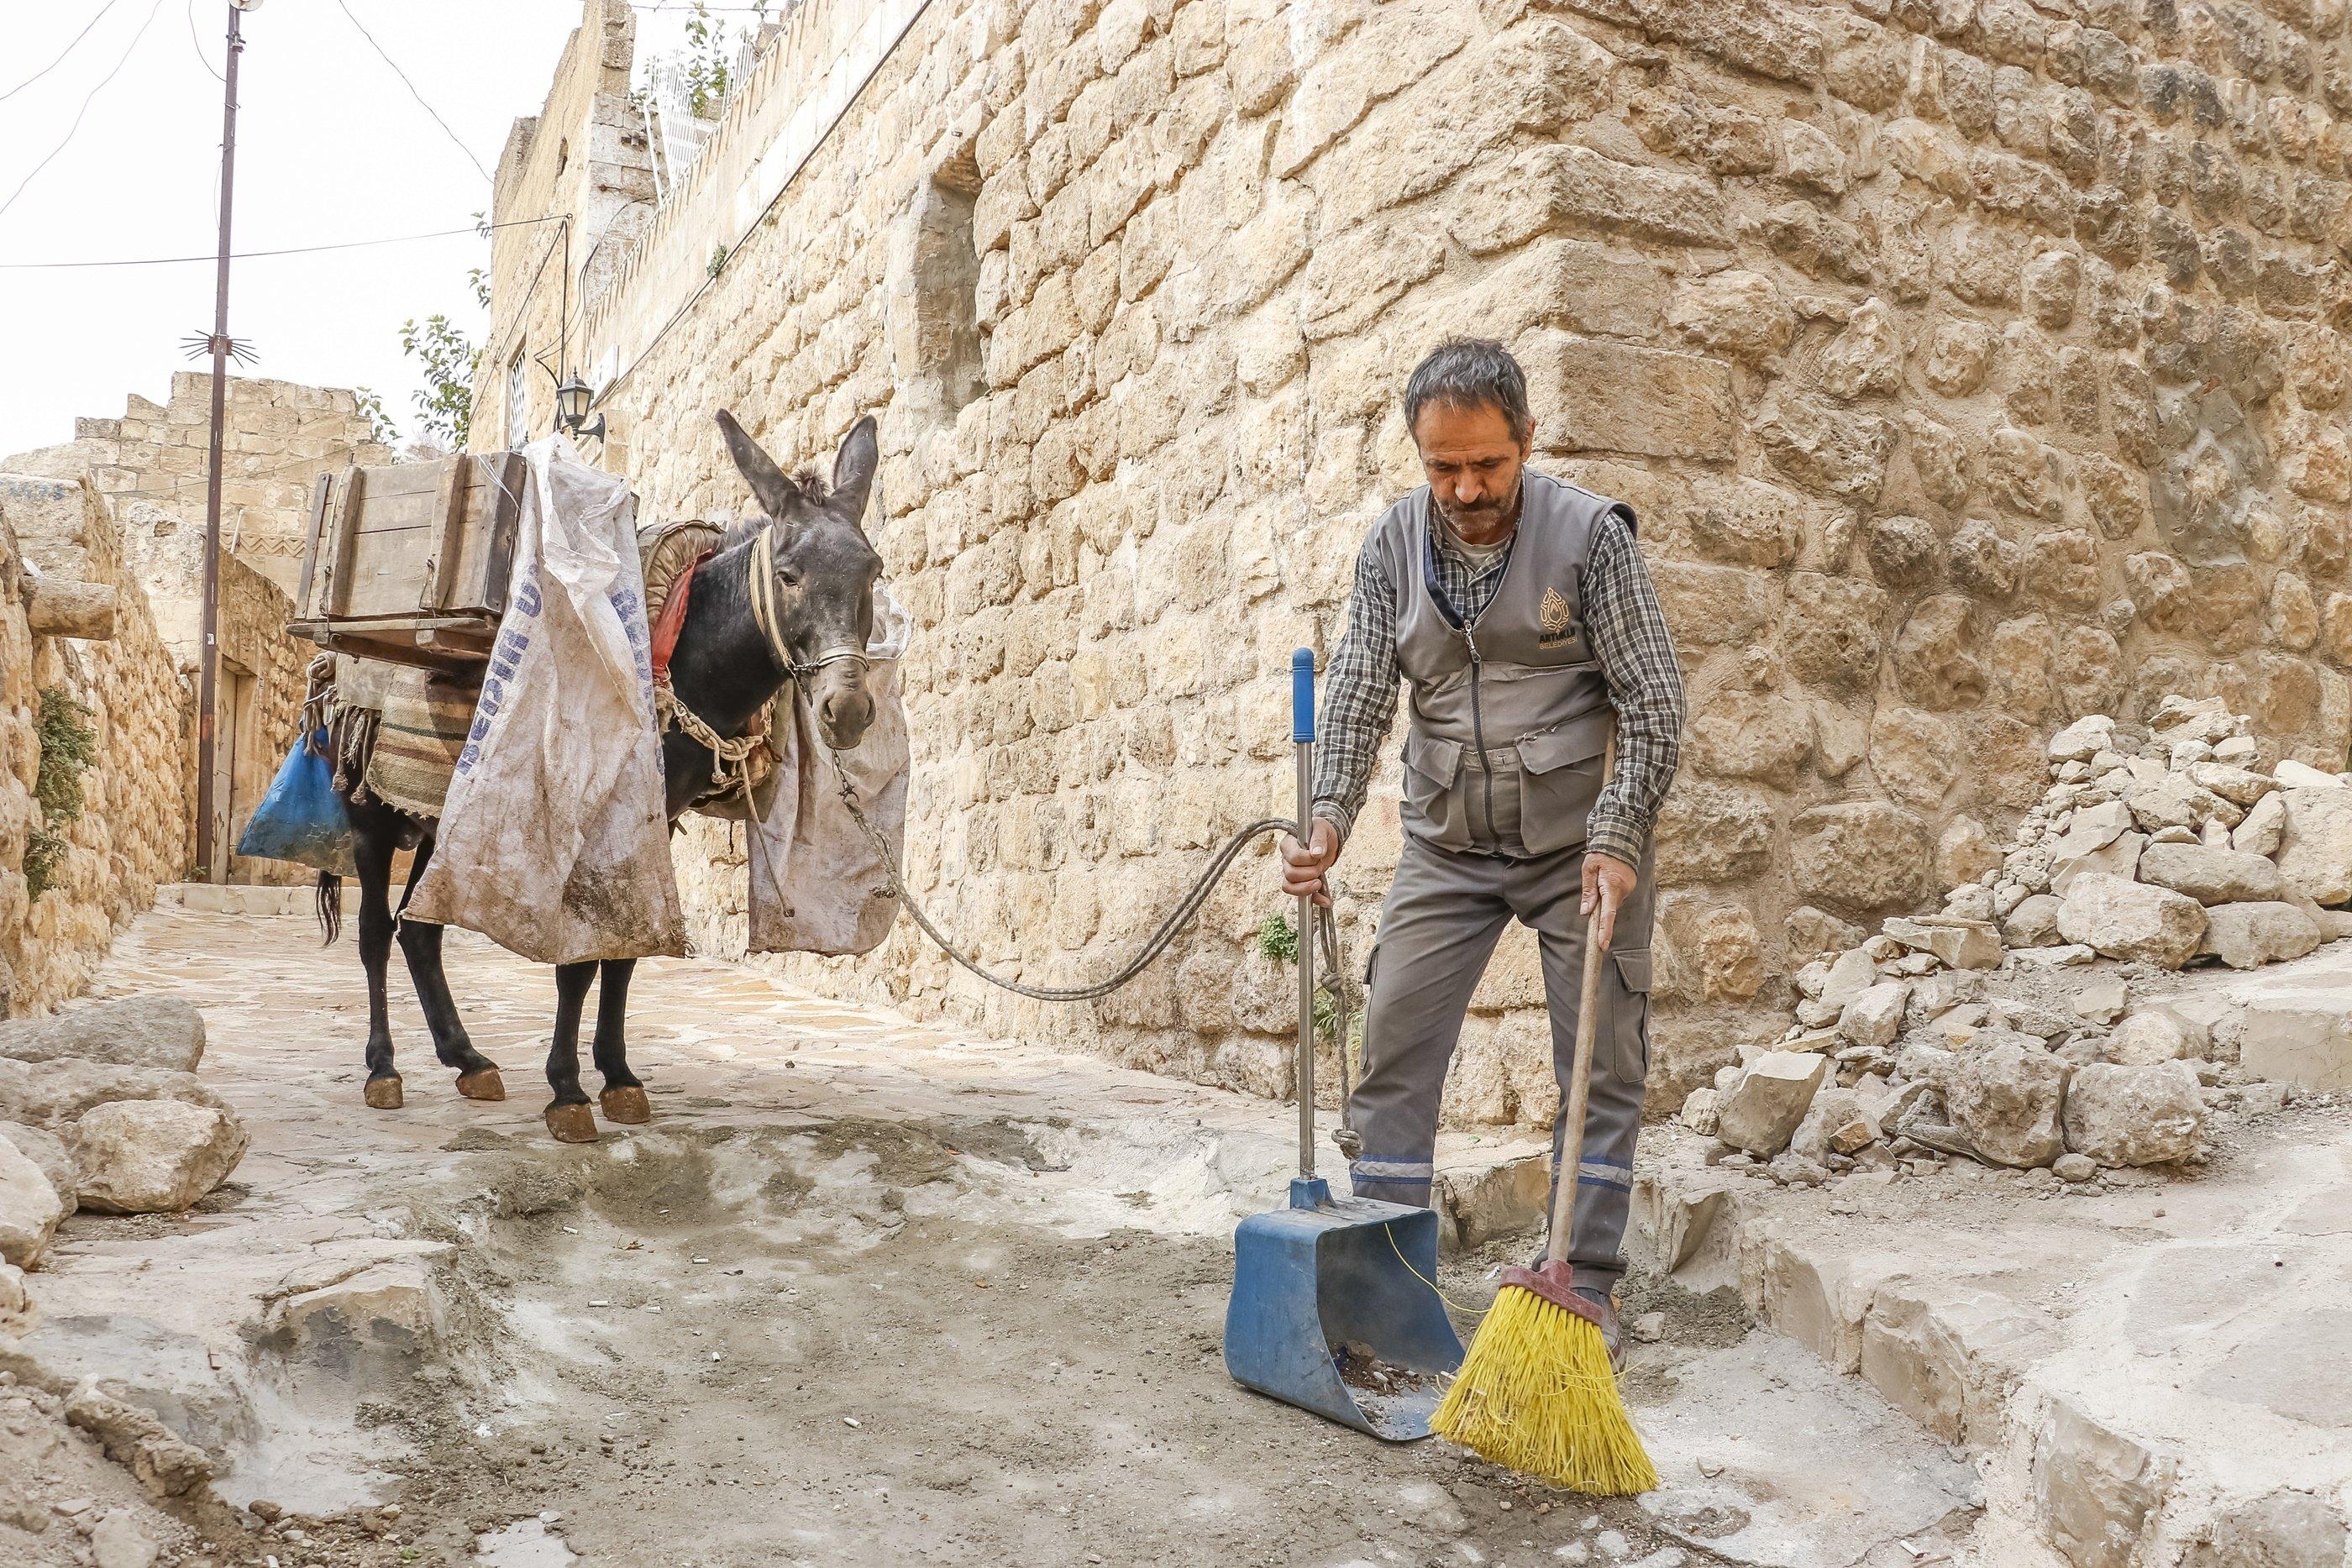 Donkeys shoulder garbage burden in historic district of Turkey's Mardin